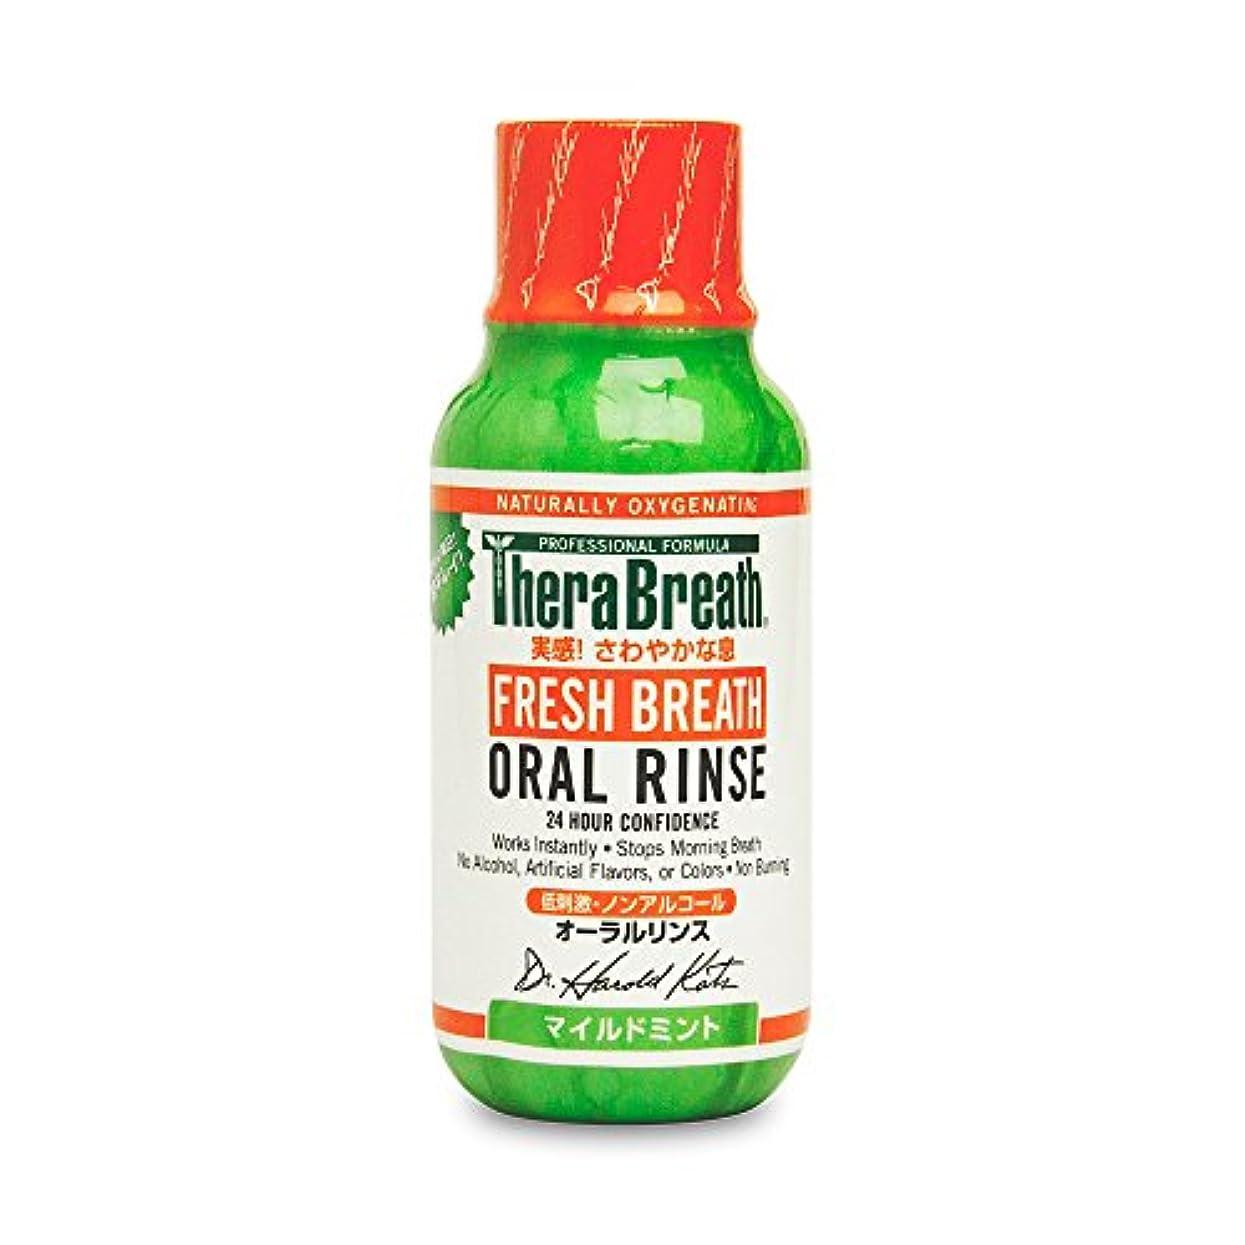 満州該当するブラインドTheraBreath (セラブレス) セラブレス オーラルリンスミニボトル 88ml (正規輸入品) マウスウォッシュ